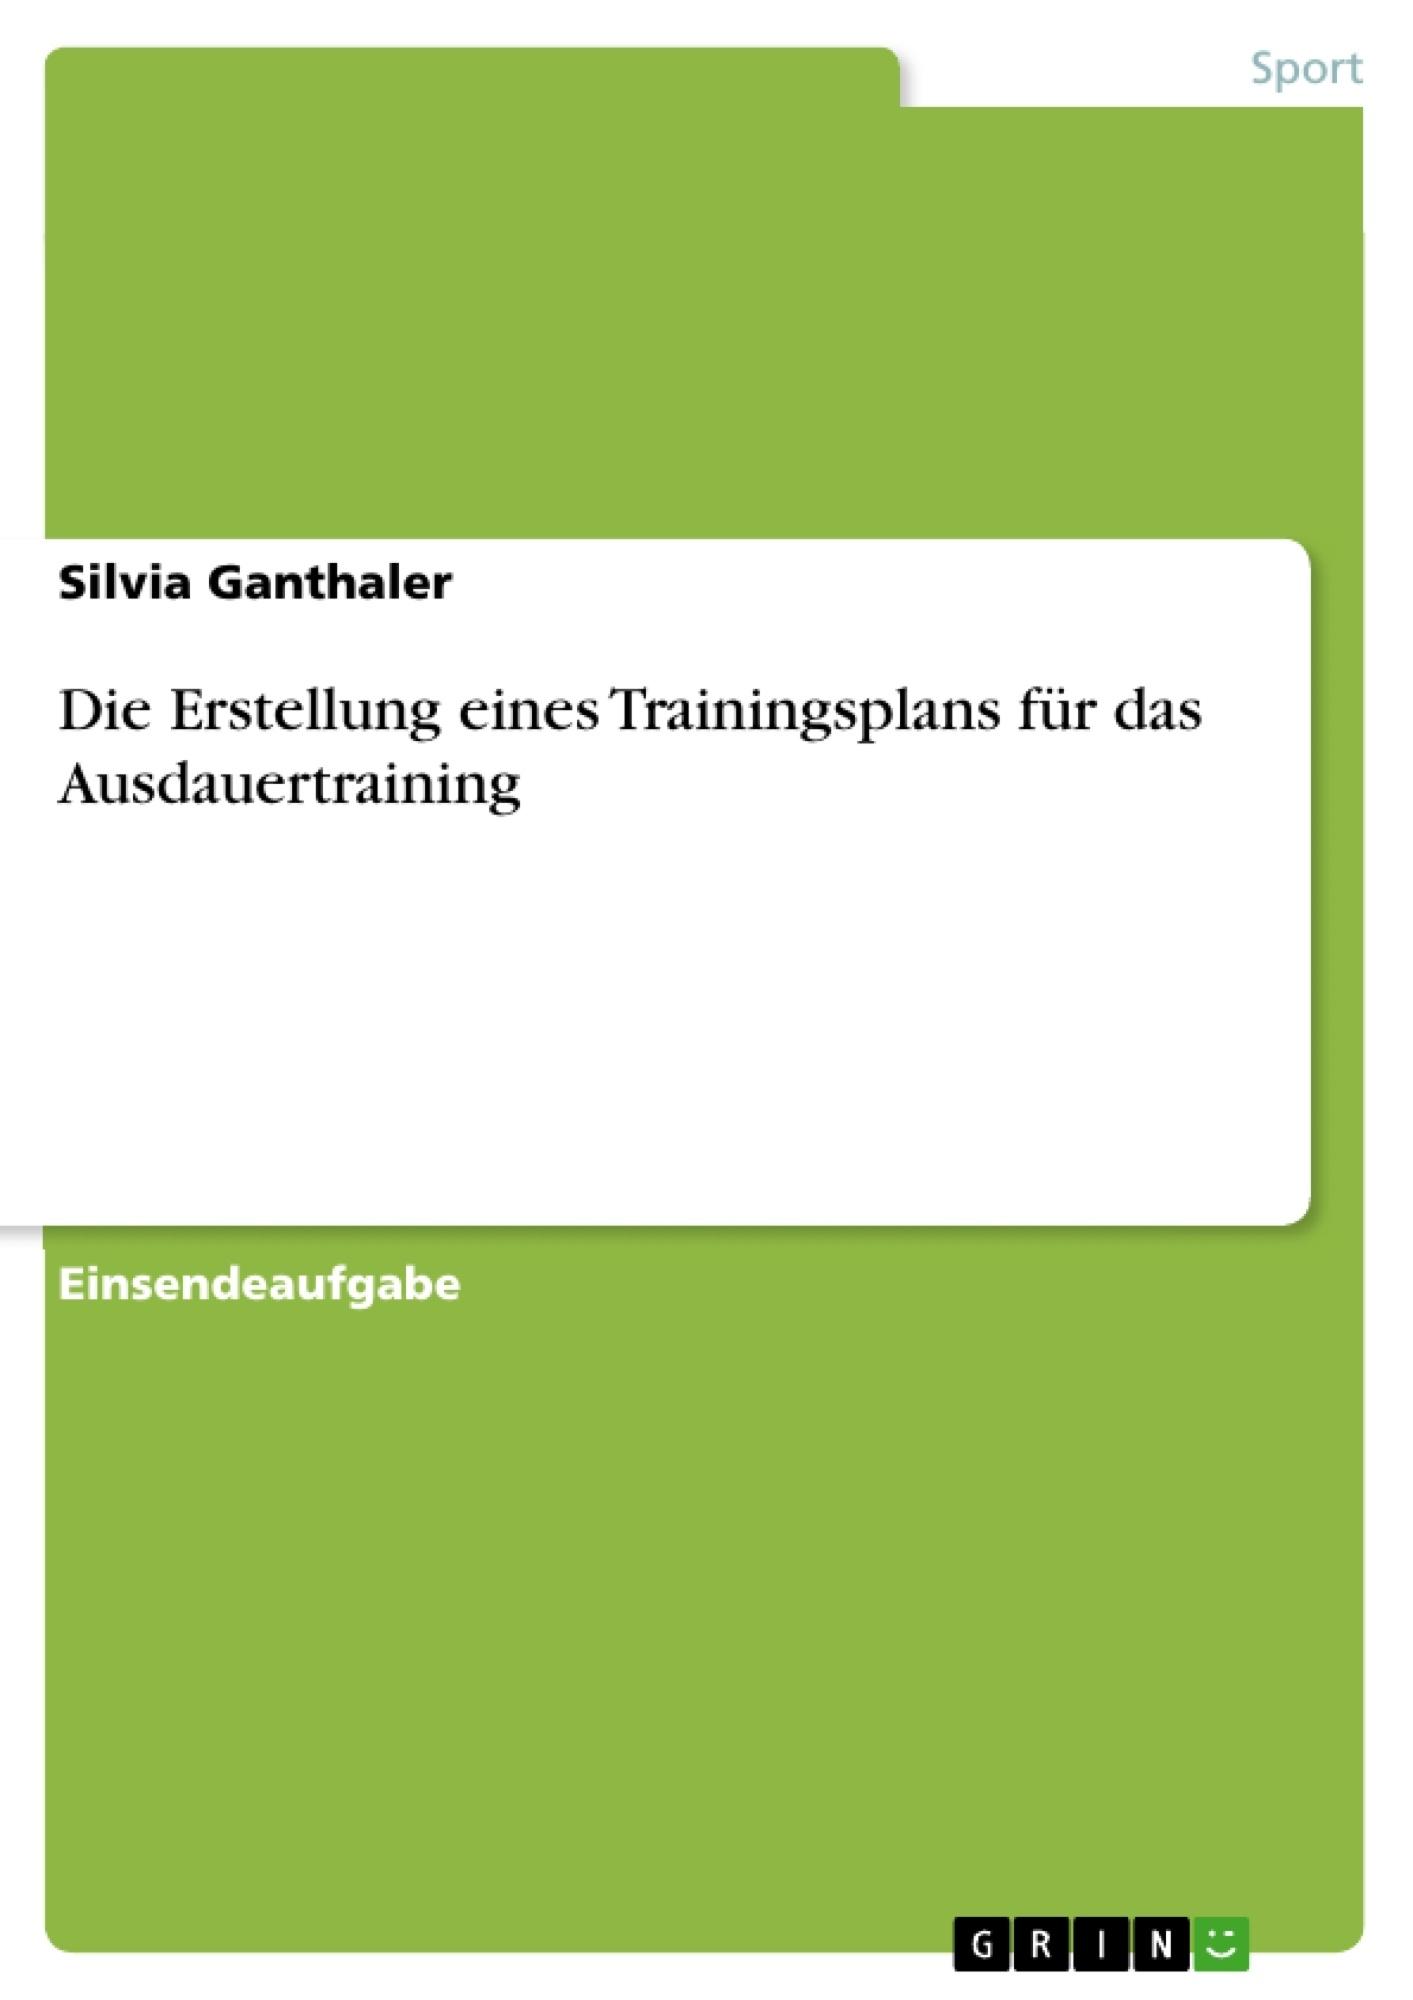 Titel: Die Erstellung eines Trainingsplans für das Ausdauertraining